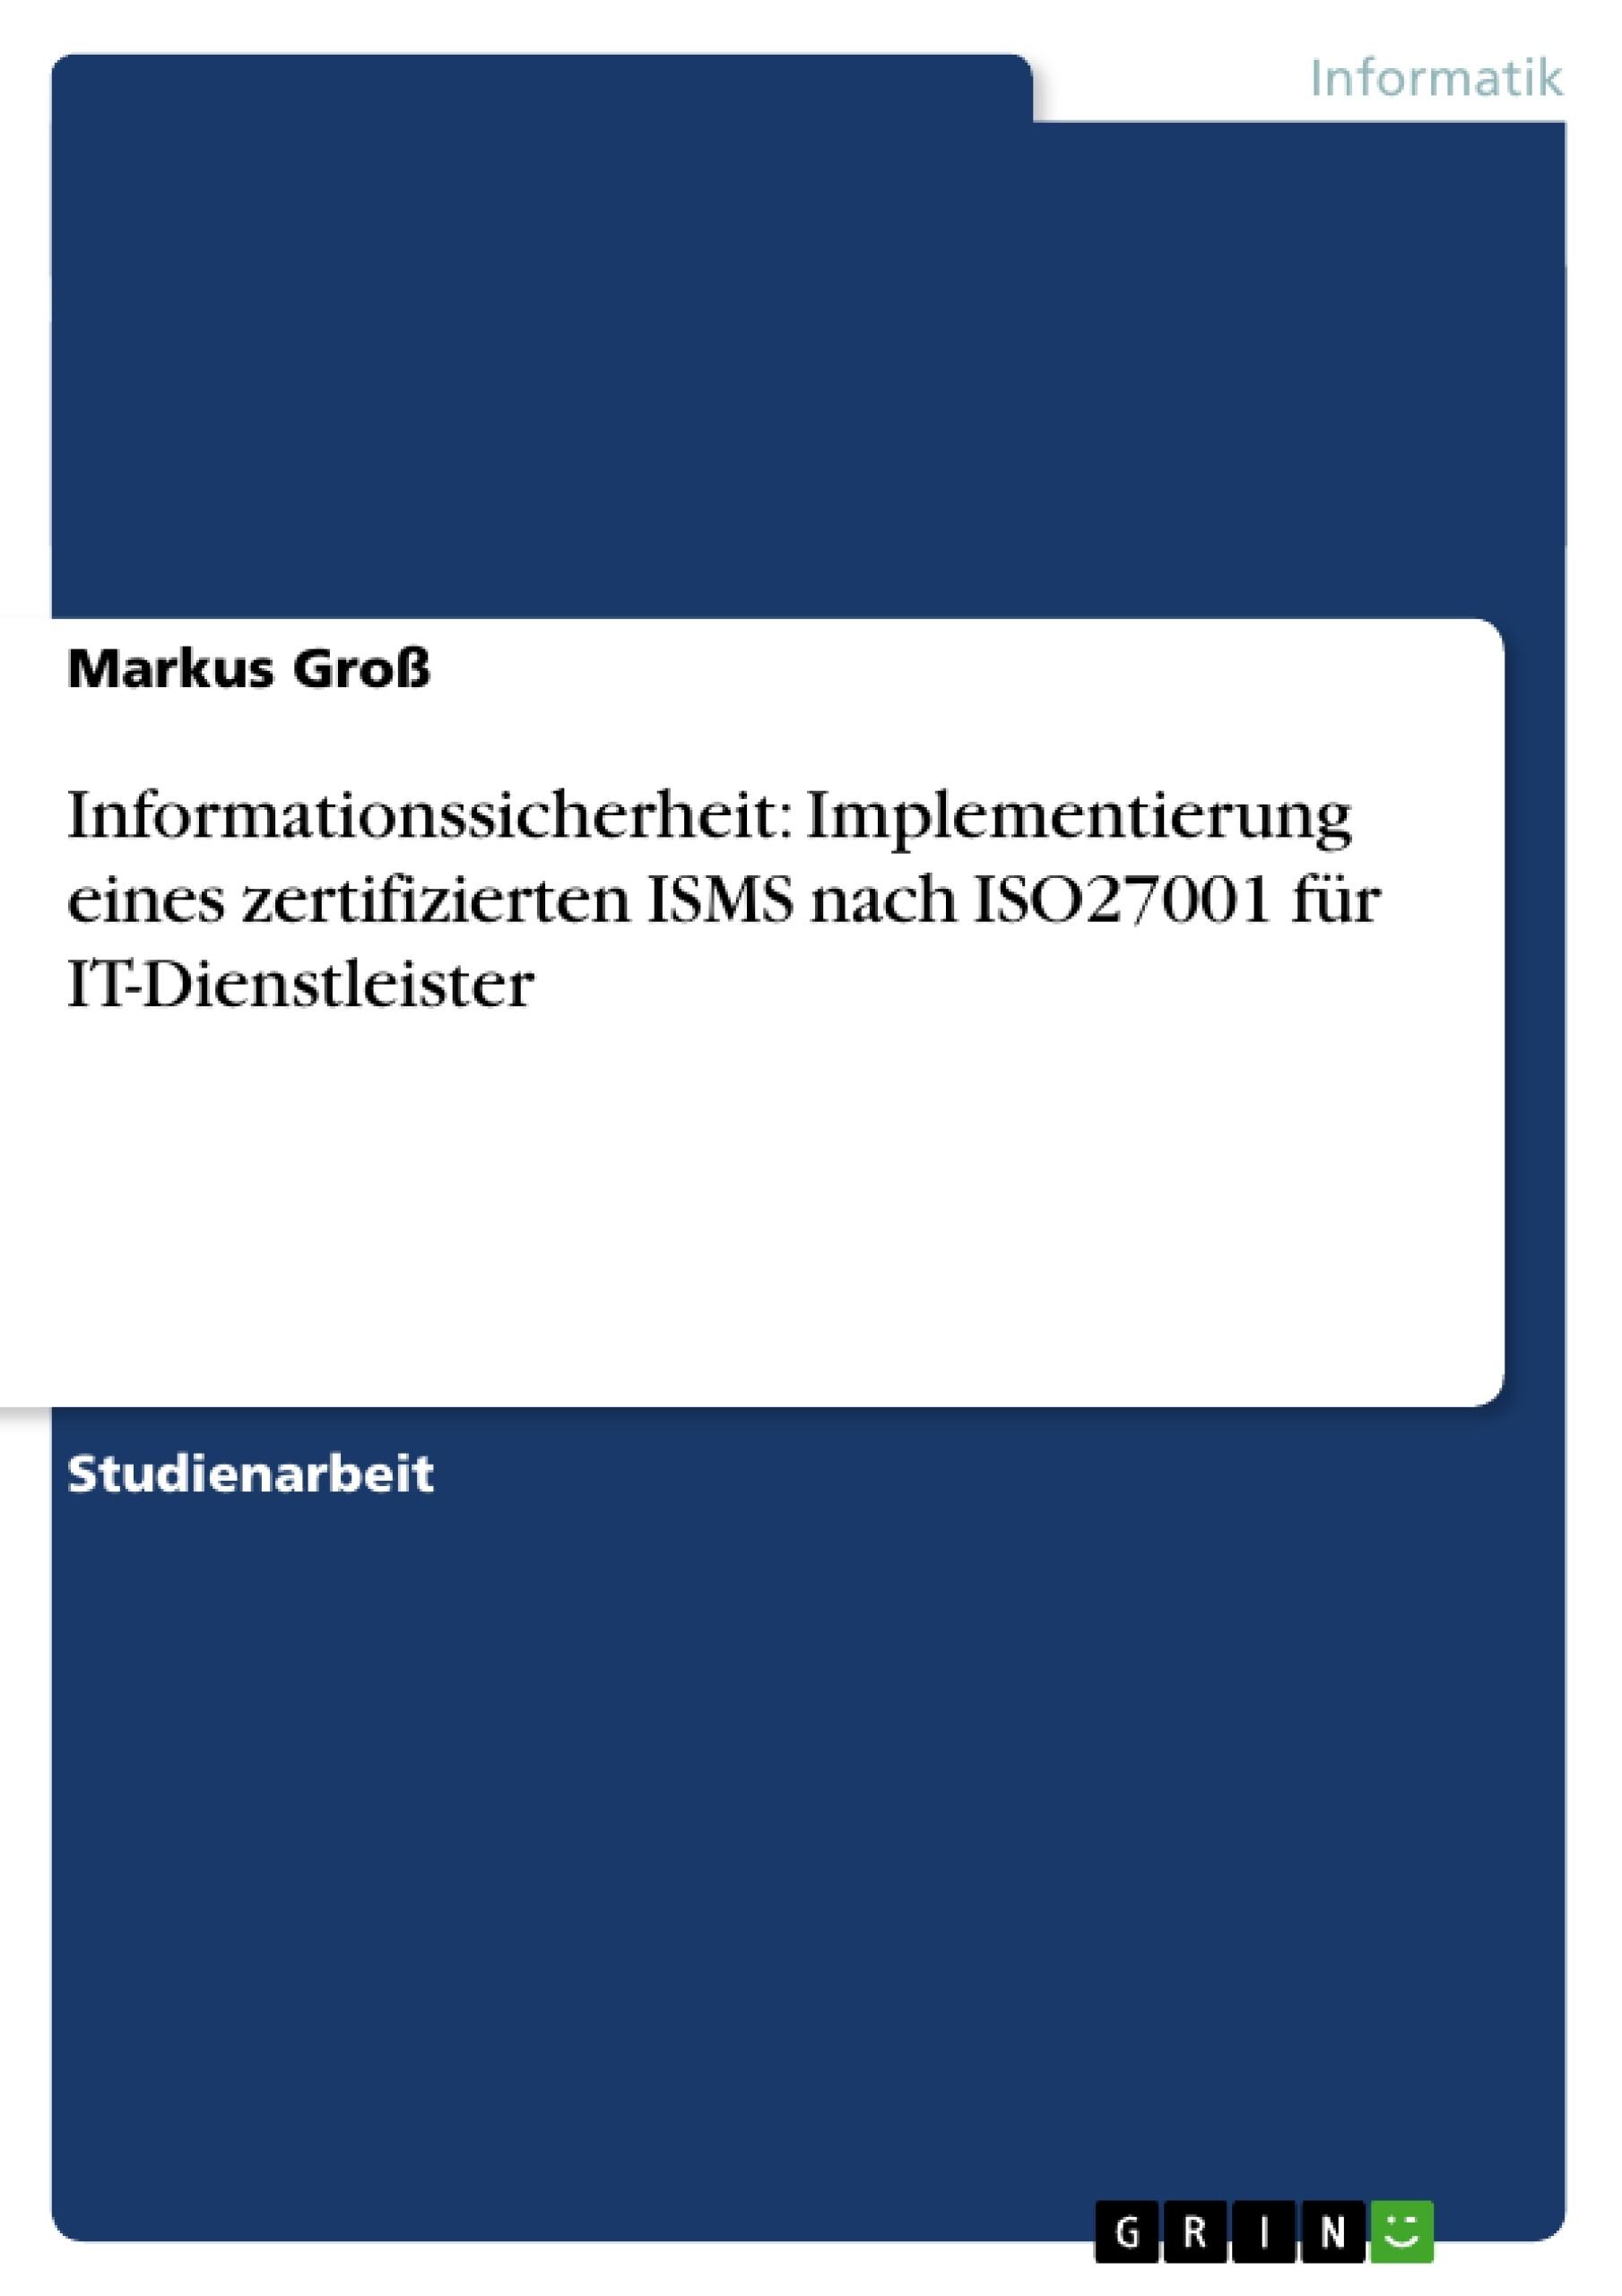 Titel: Informationssicherheit: Implementierung eines zertifizierten ISMS nach ISO27001 für IT-Dienstleister